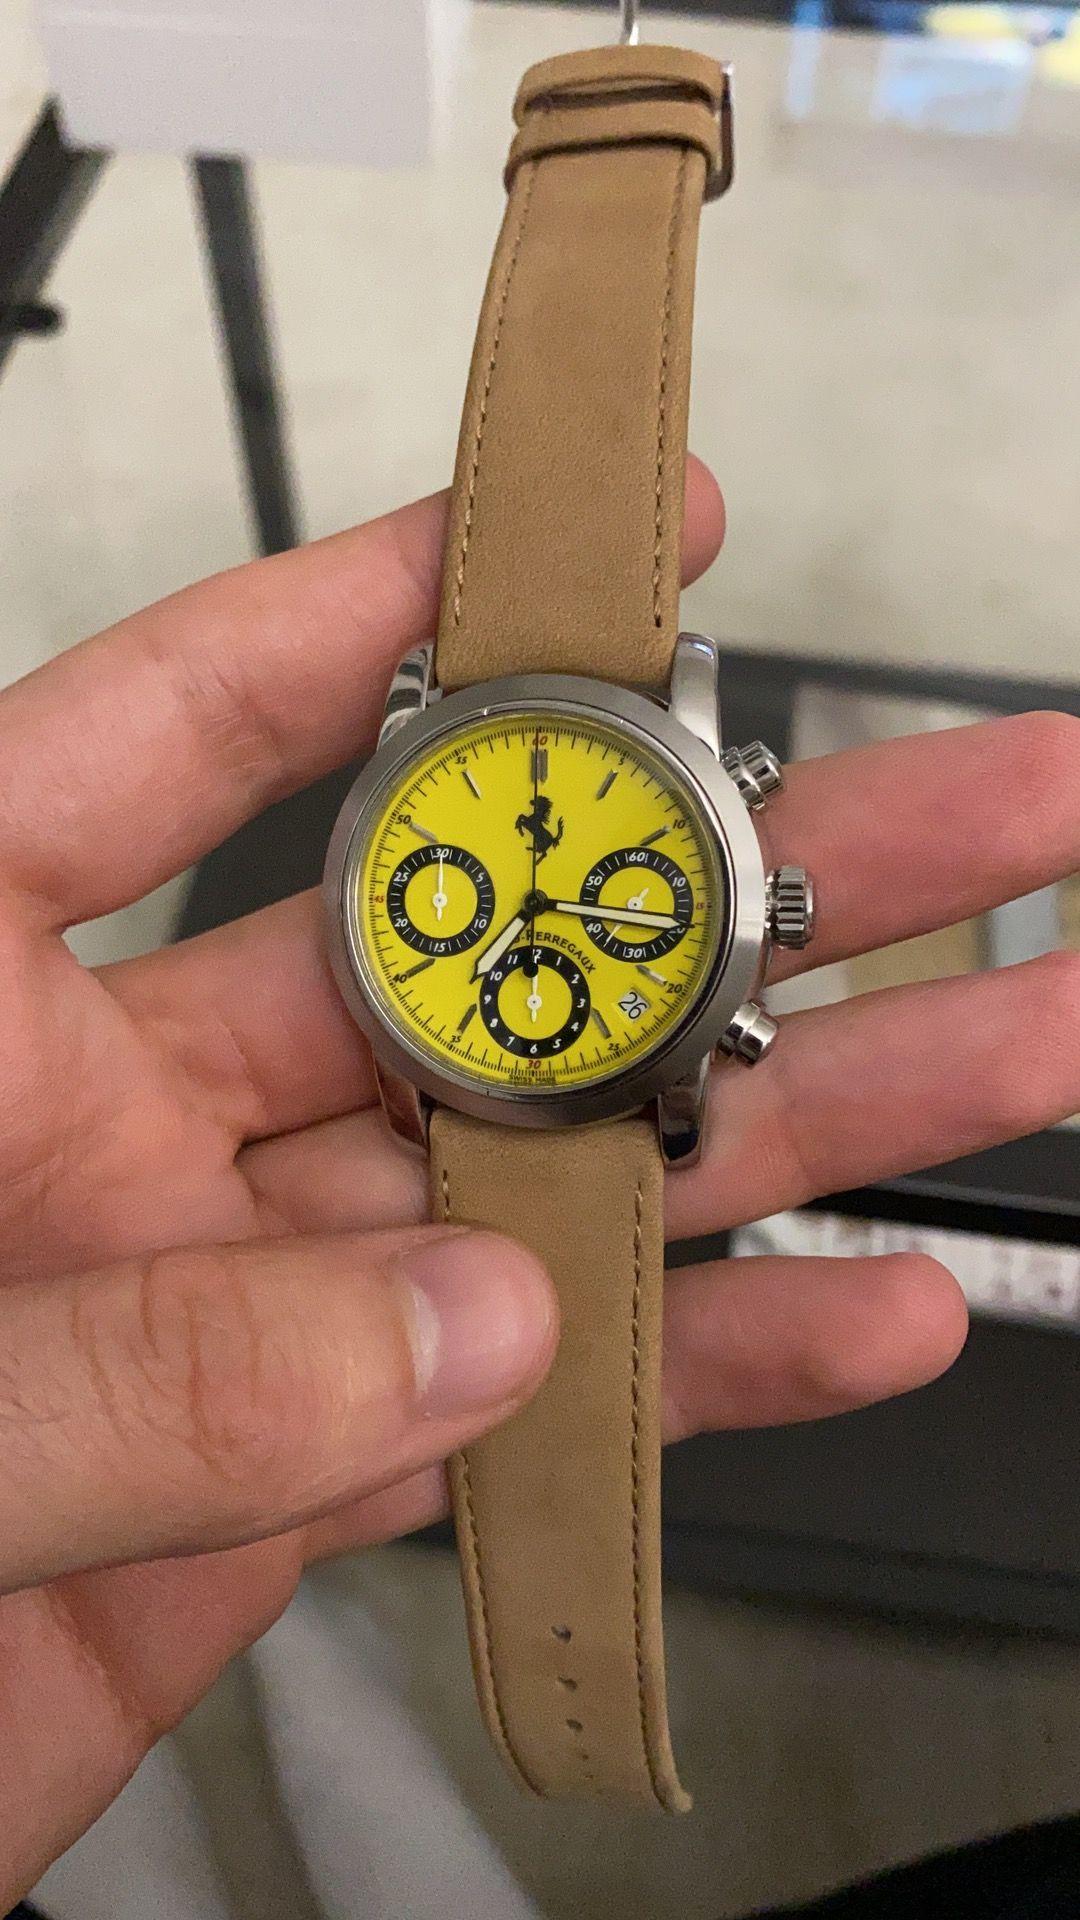 Verkauf Girard Perregeaux Chronograph Ferrari Thewristgang Luxus Uhren Luxusuhr Uhr